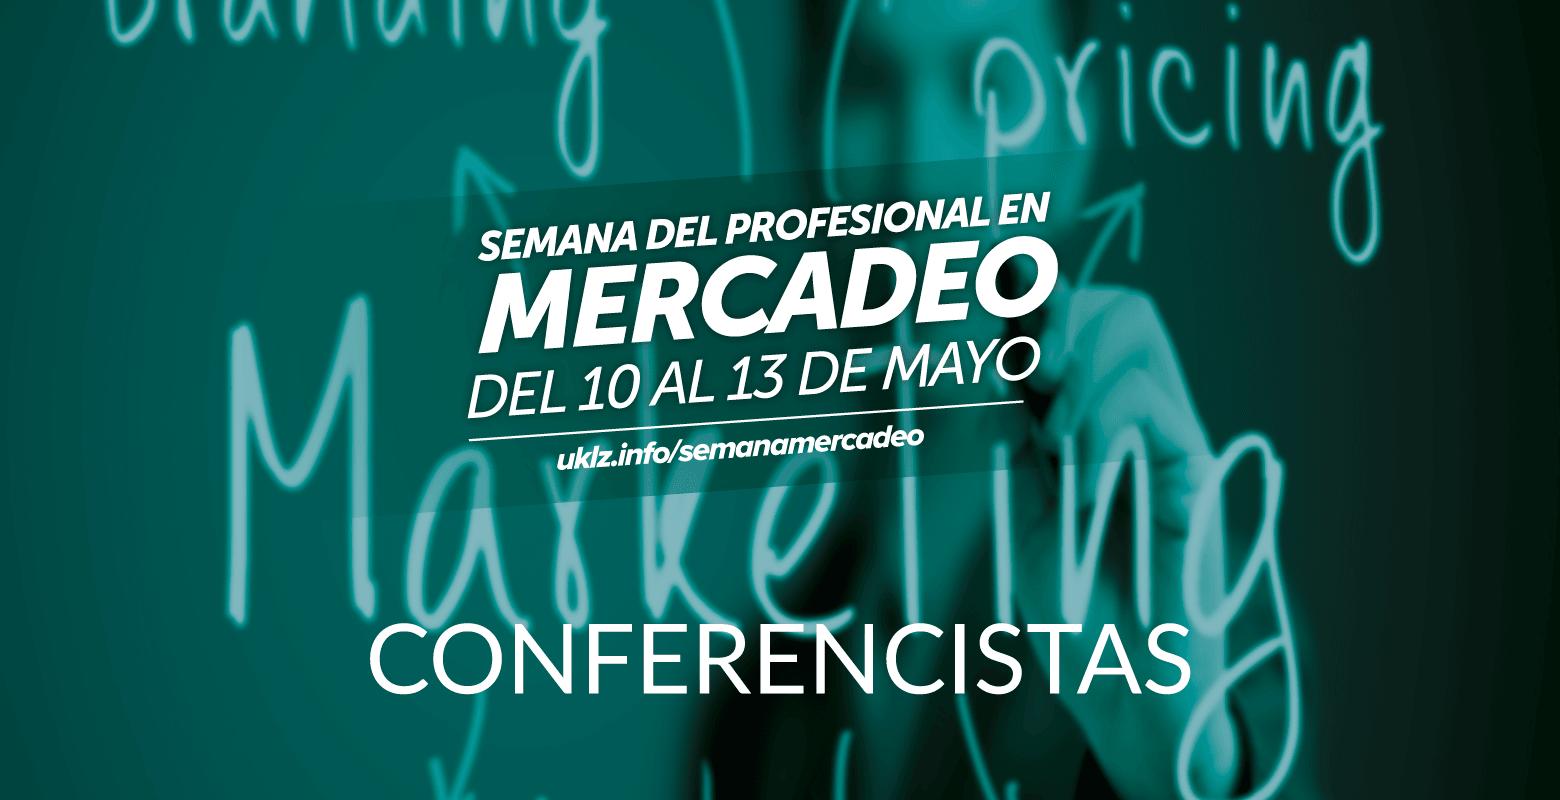 Conferencistas de la Semana del Profesional en Mercadeo